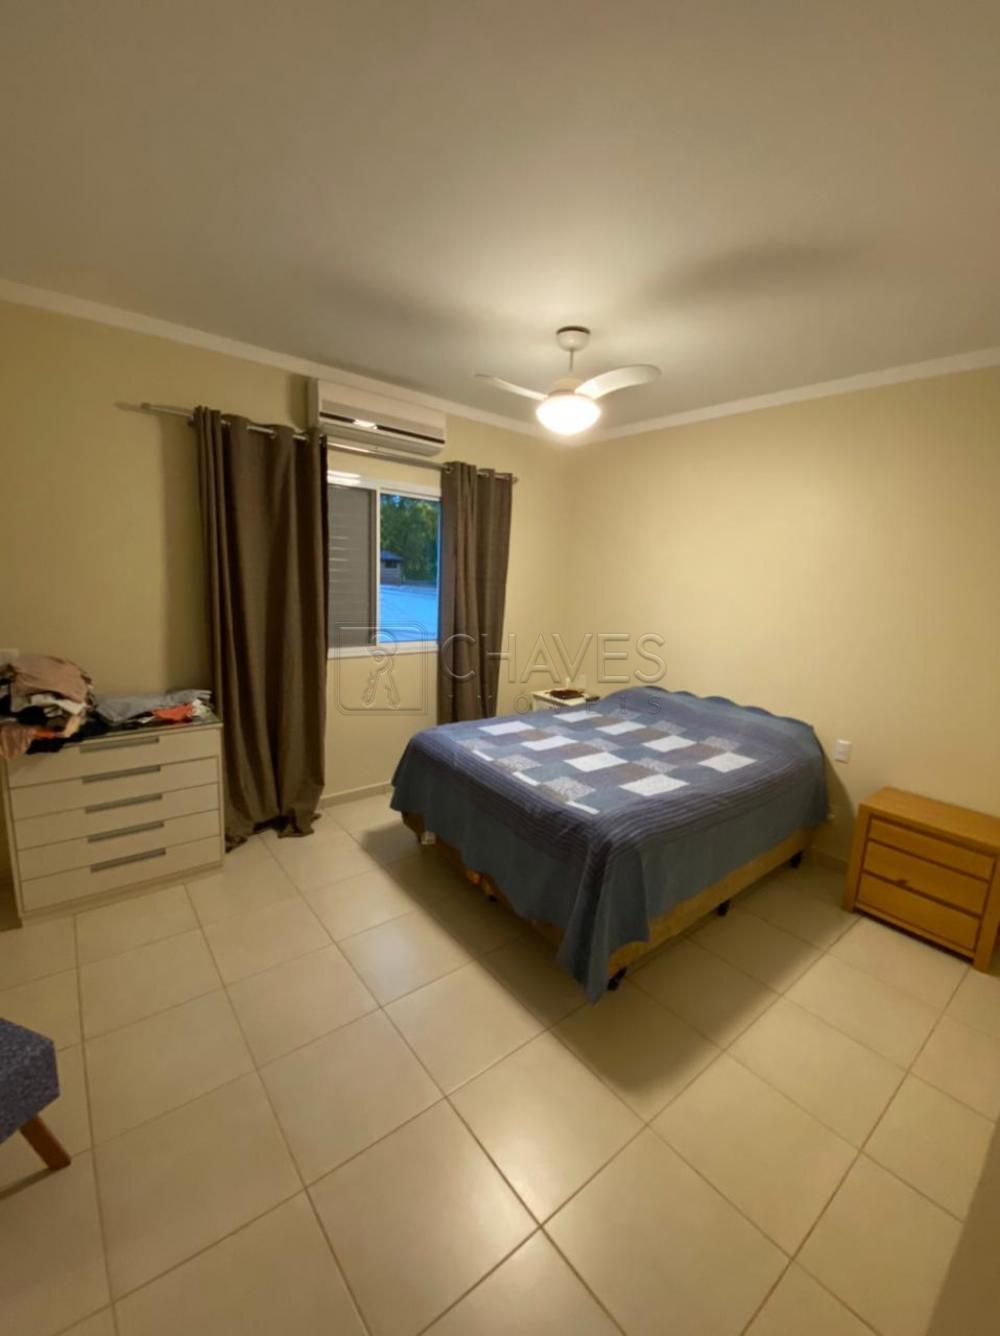 Comprar Casa / Condomínio em Ribeirão Preto apenas R$ 920.000,00 - Foto 11